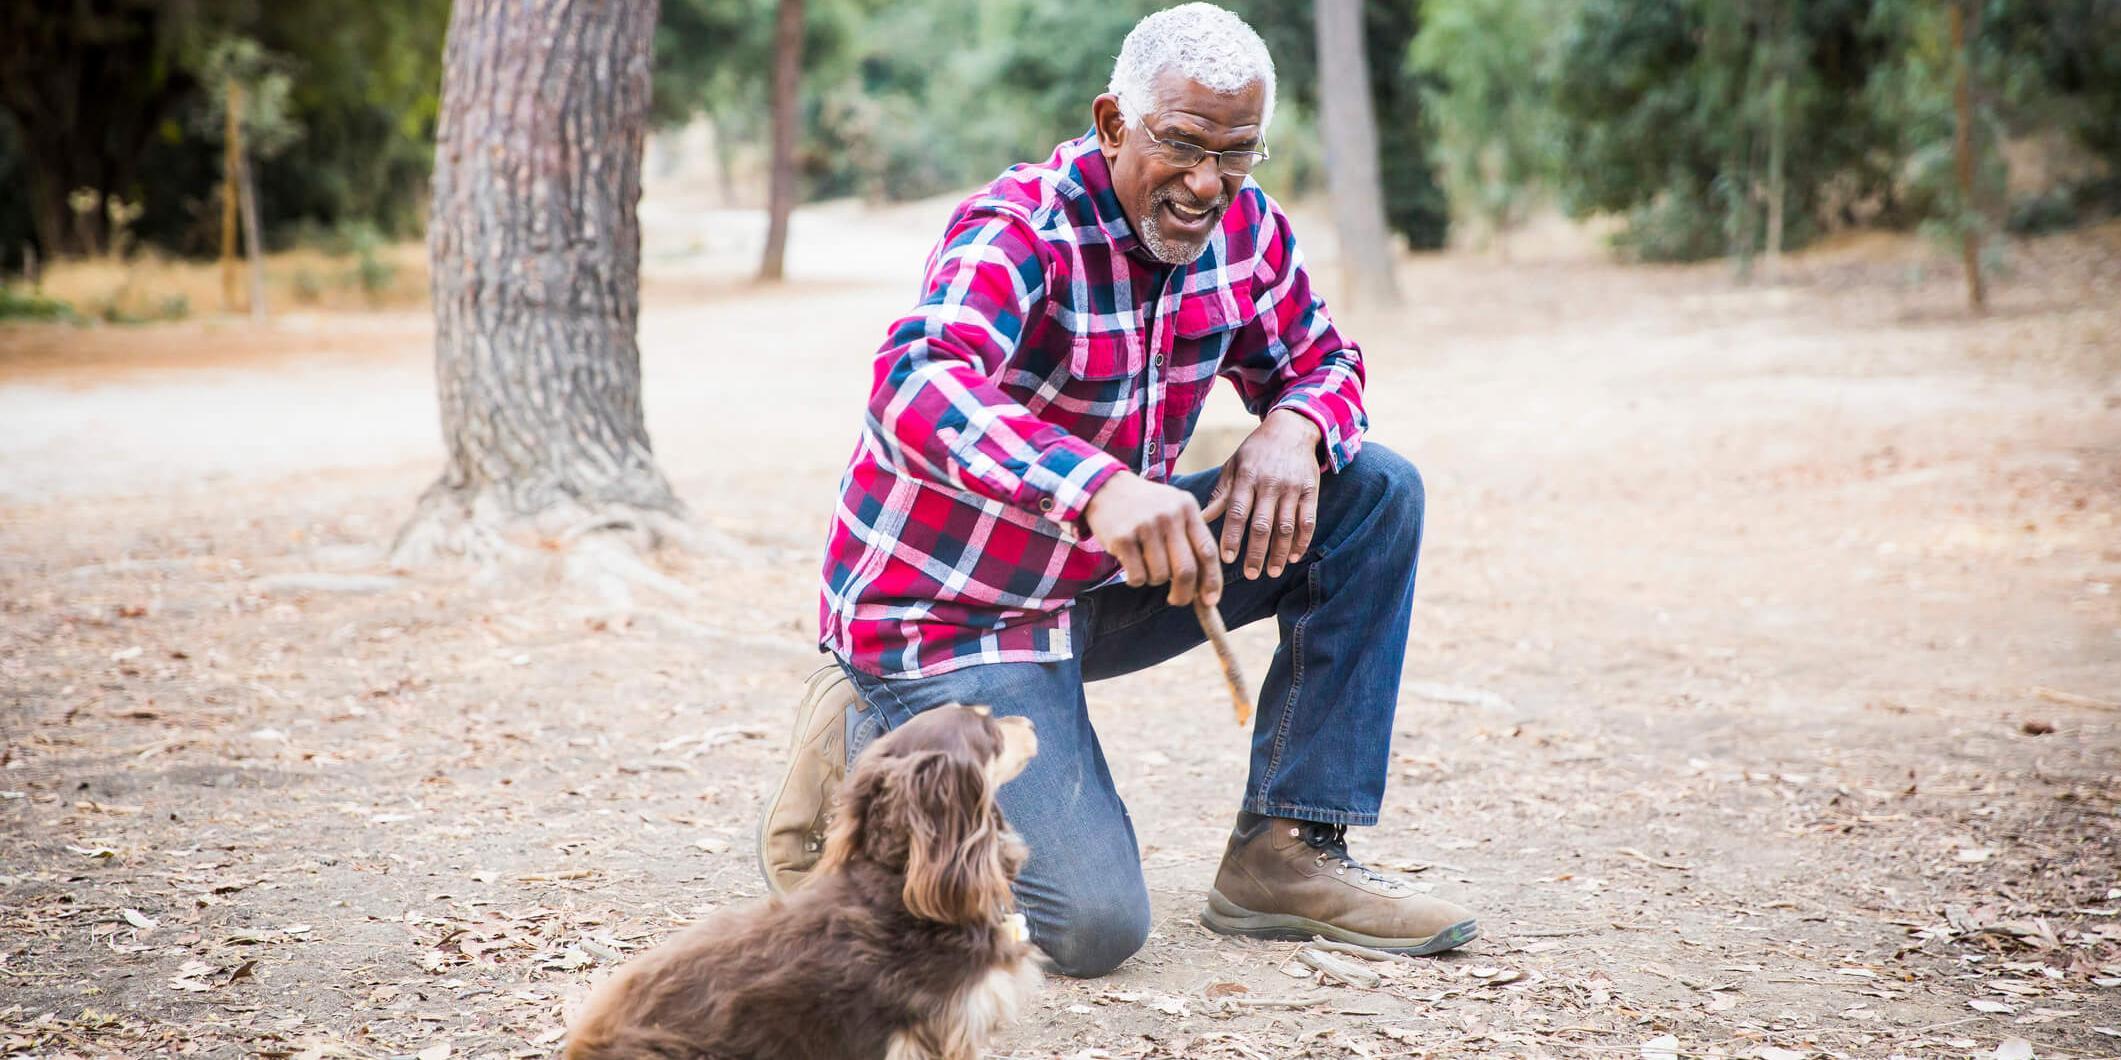 Personnes âgées : quels sont les bénéfices apportés par un animal de compagnie ?